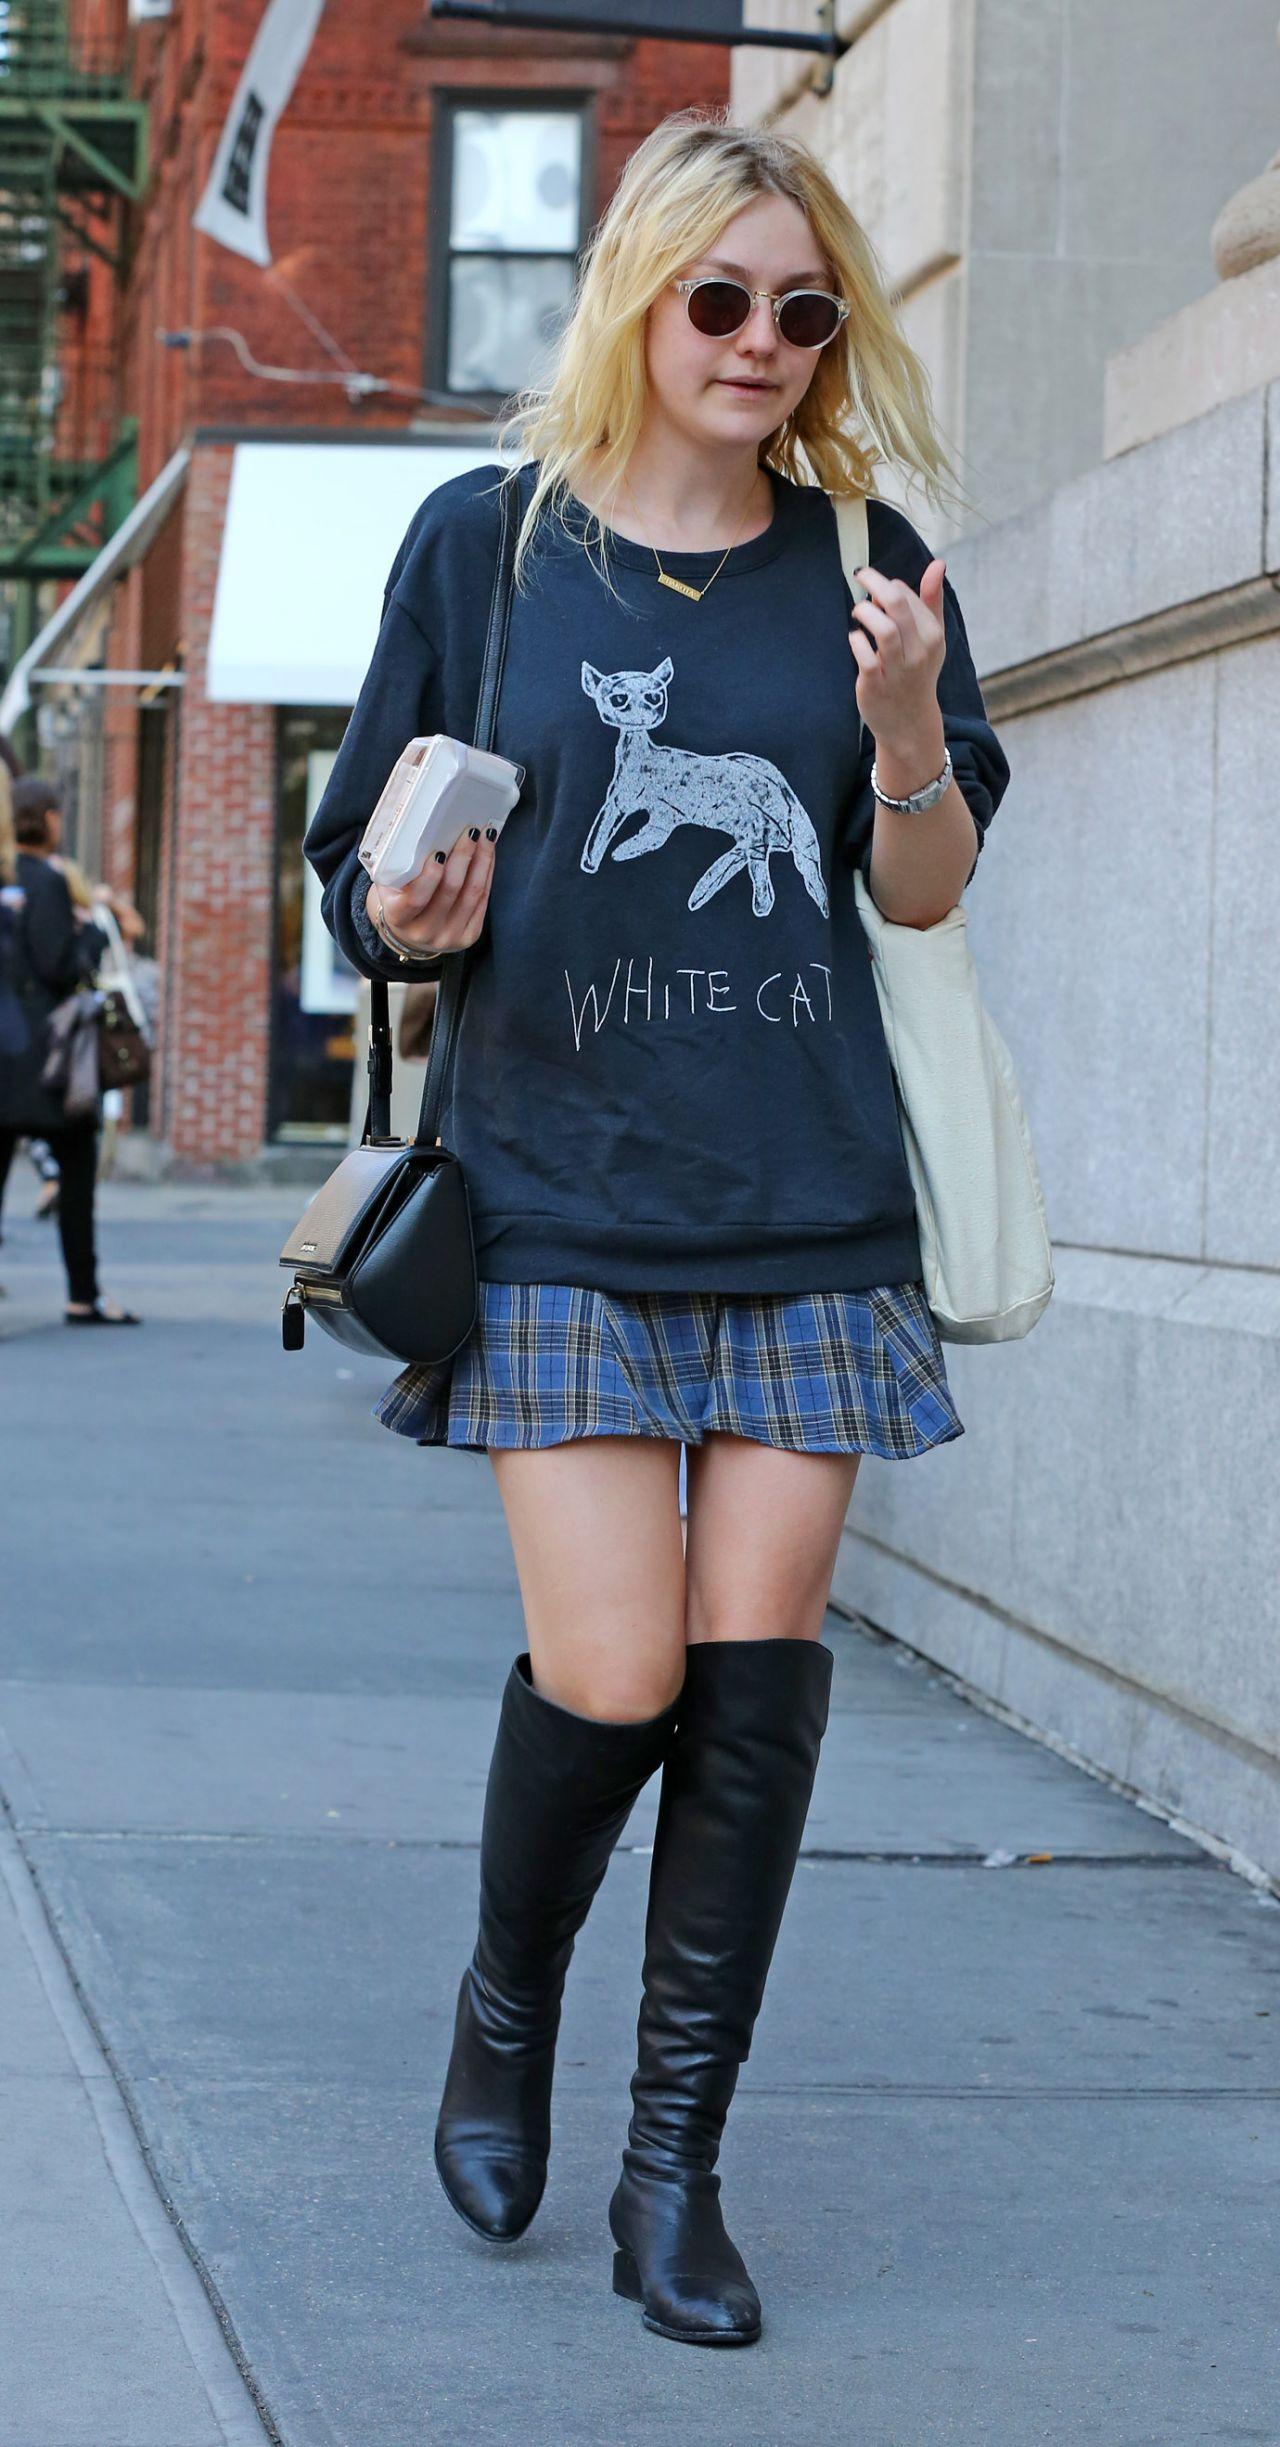 Dakota Fanning Street Style - Out in New York City - September 2014